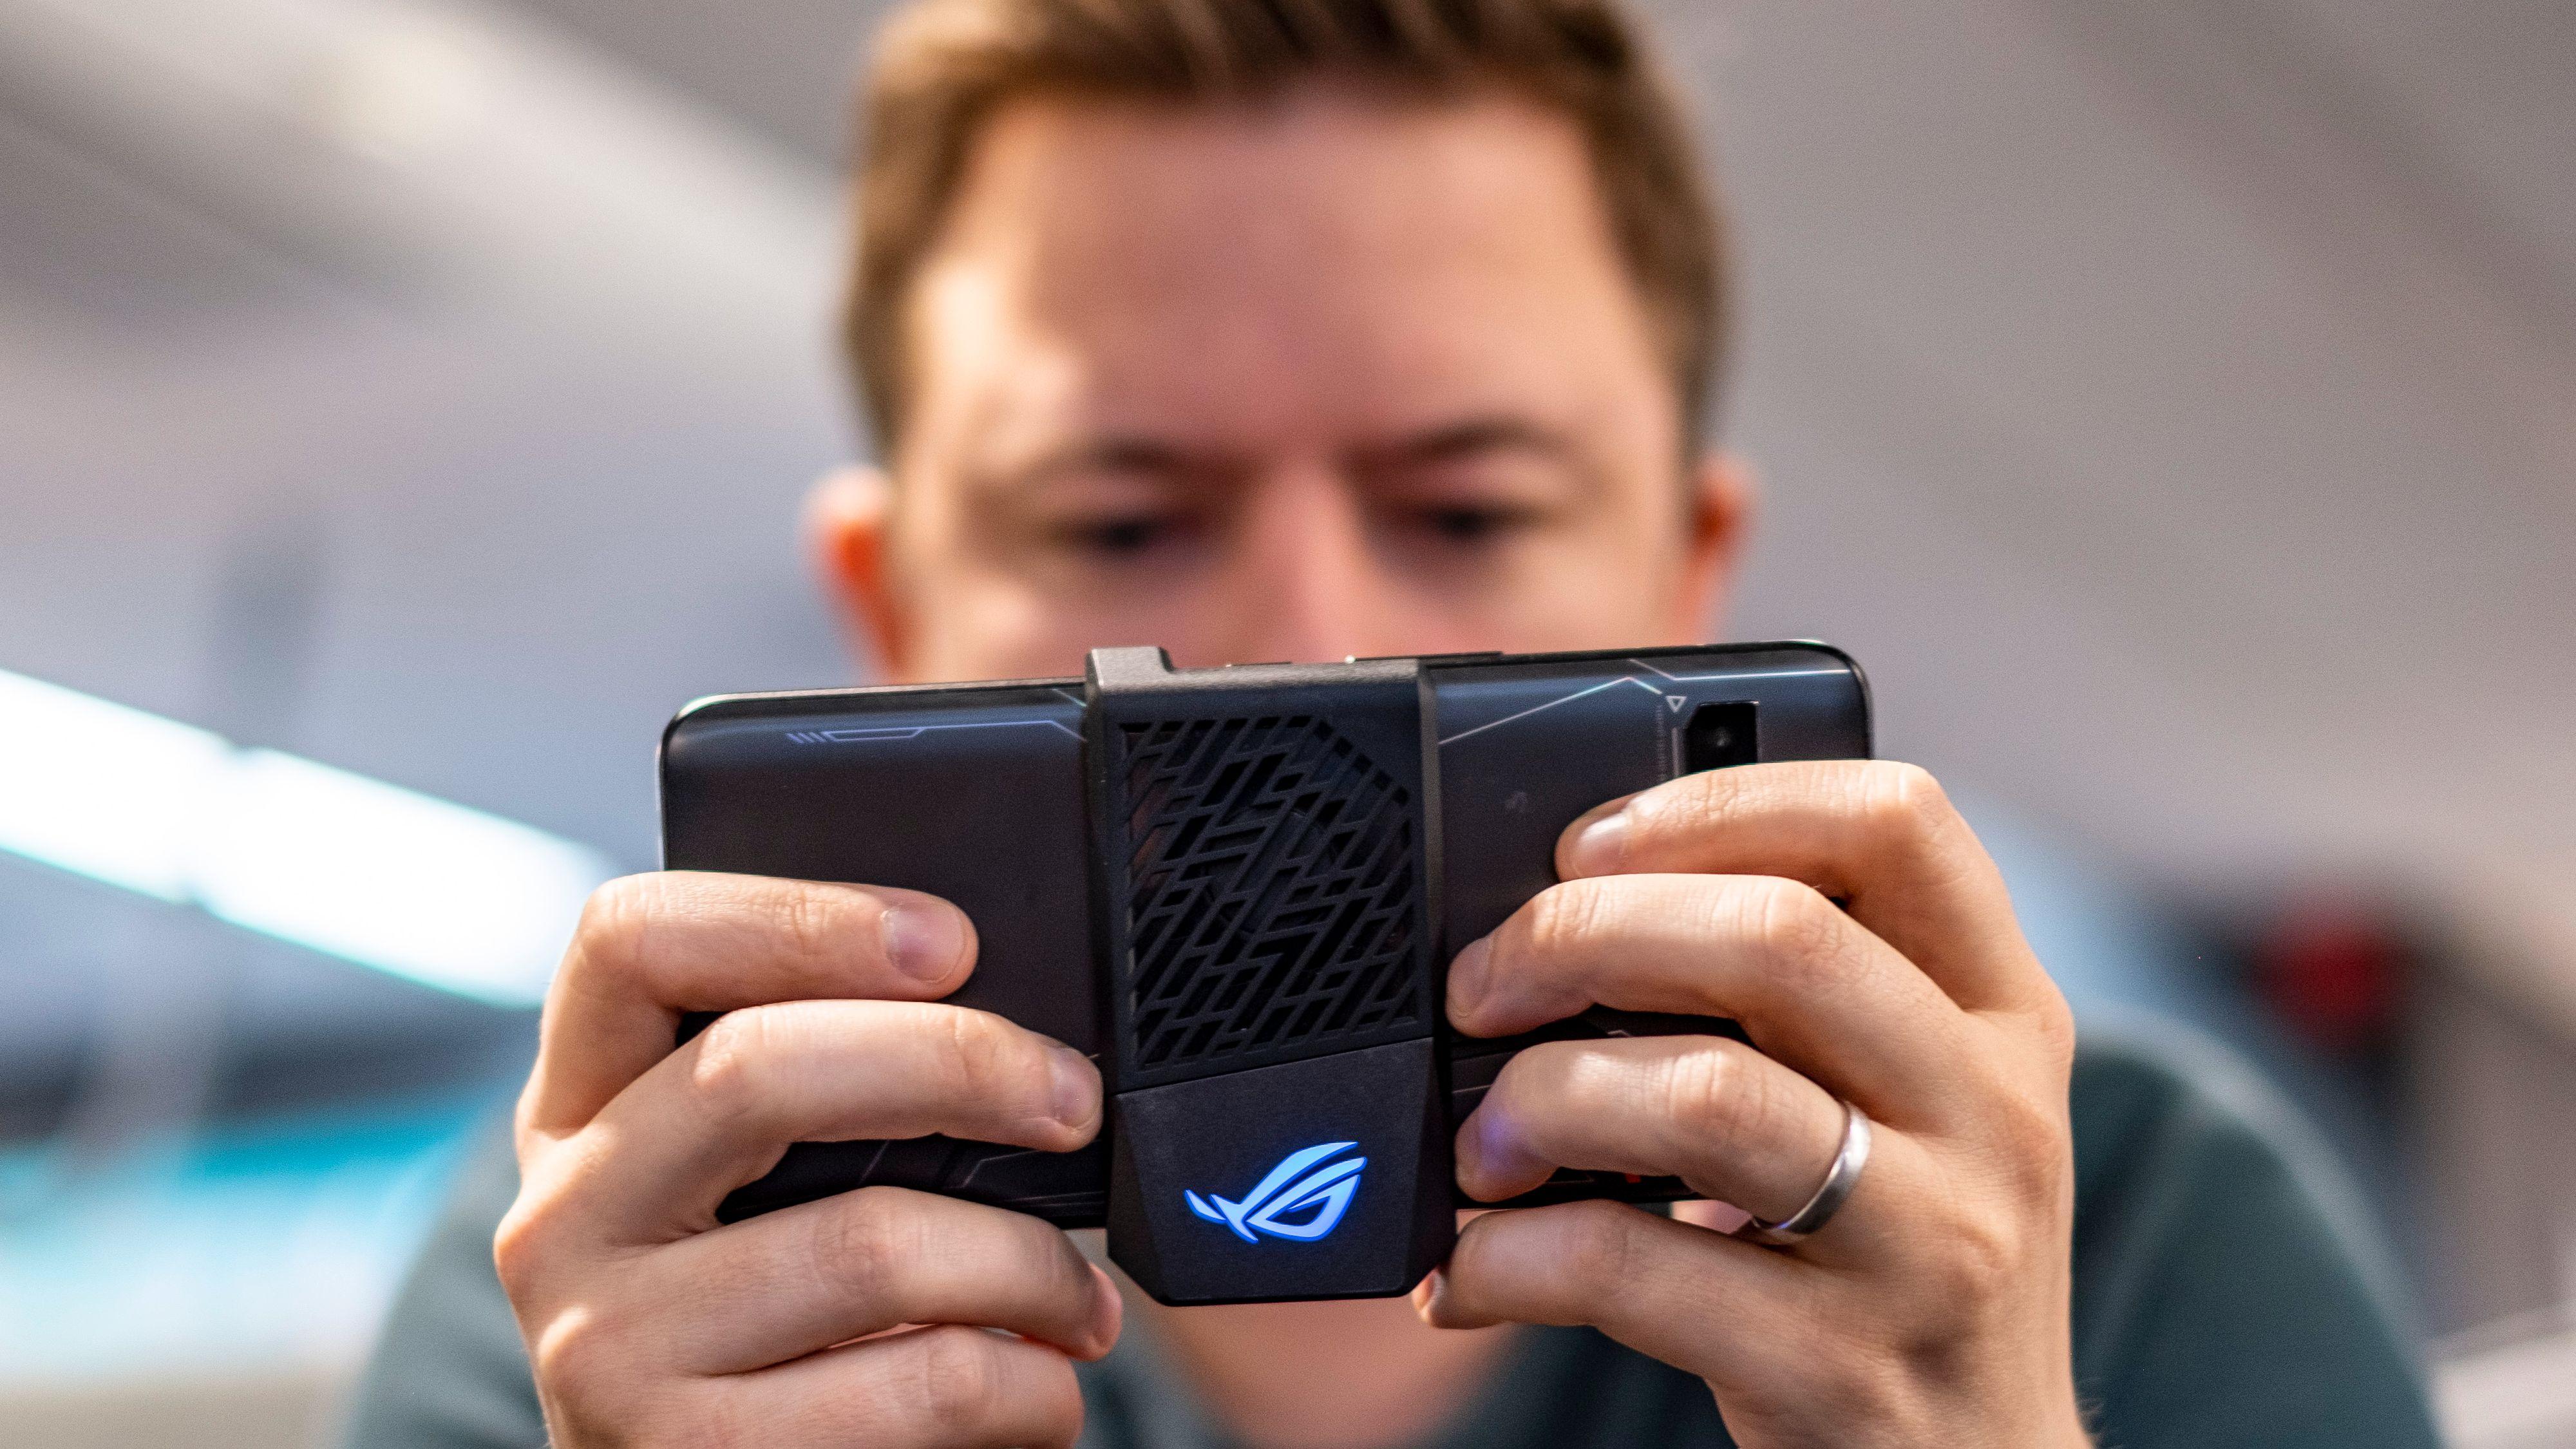 ROG Phone 2 er nydelig til spilling, og enda litt til